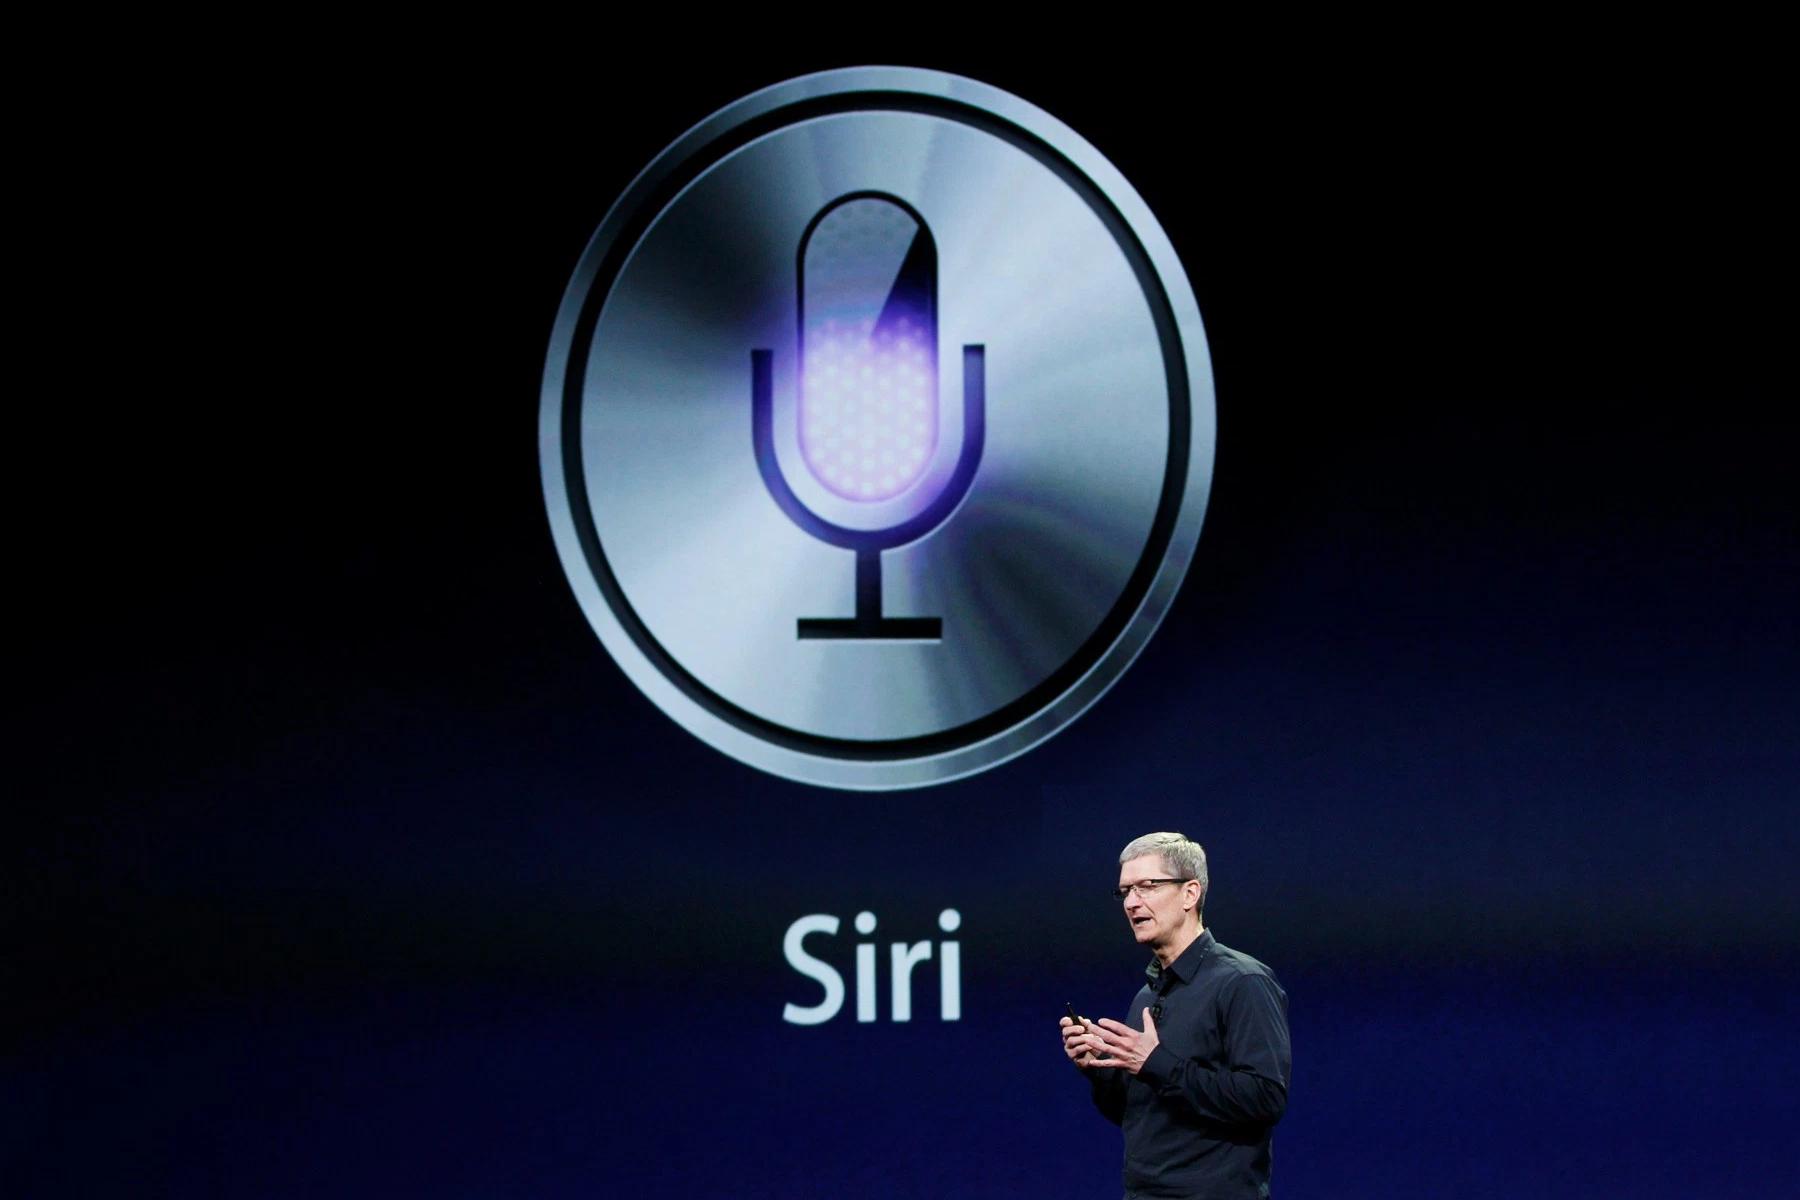 Siri May Be Making Its Way to Macs Soon